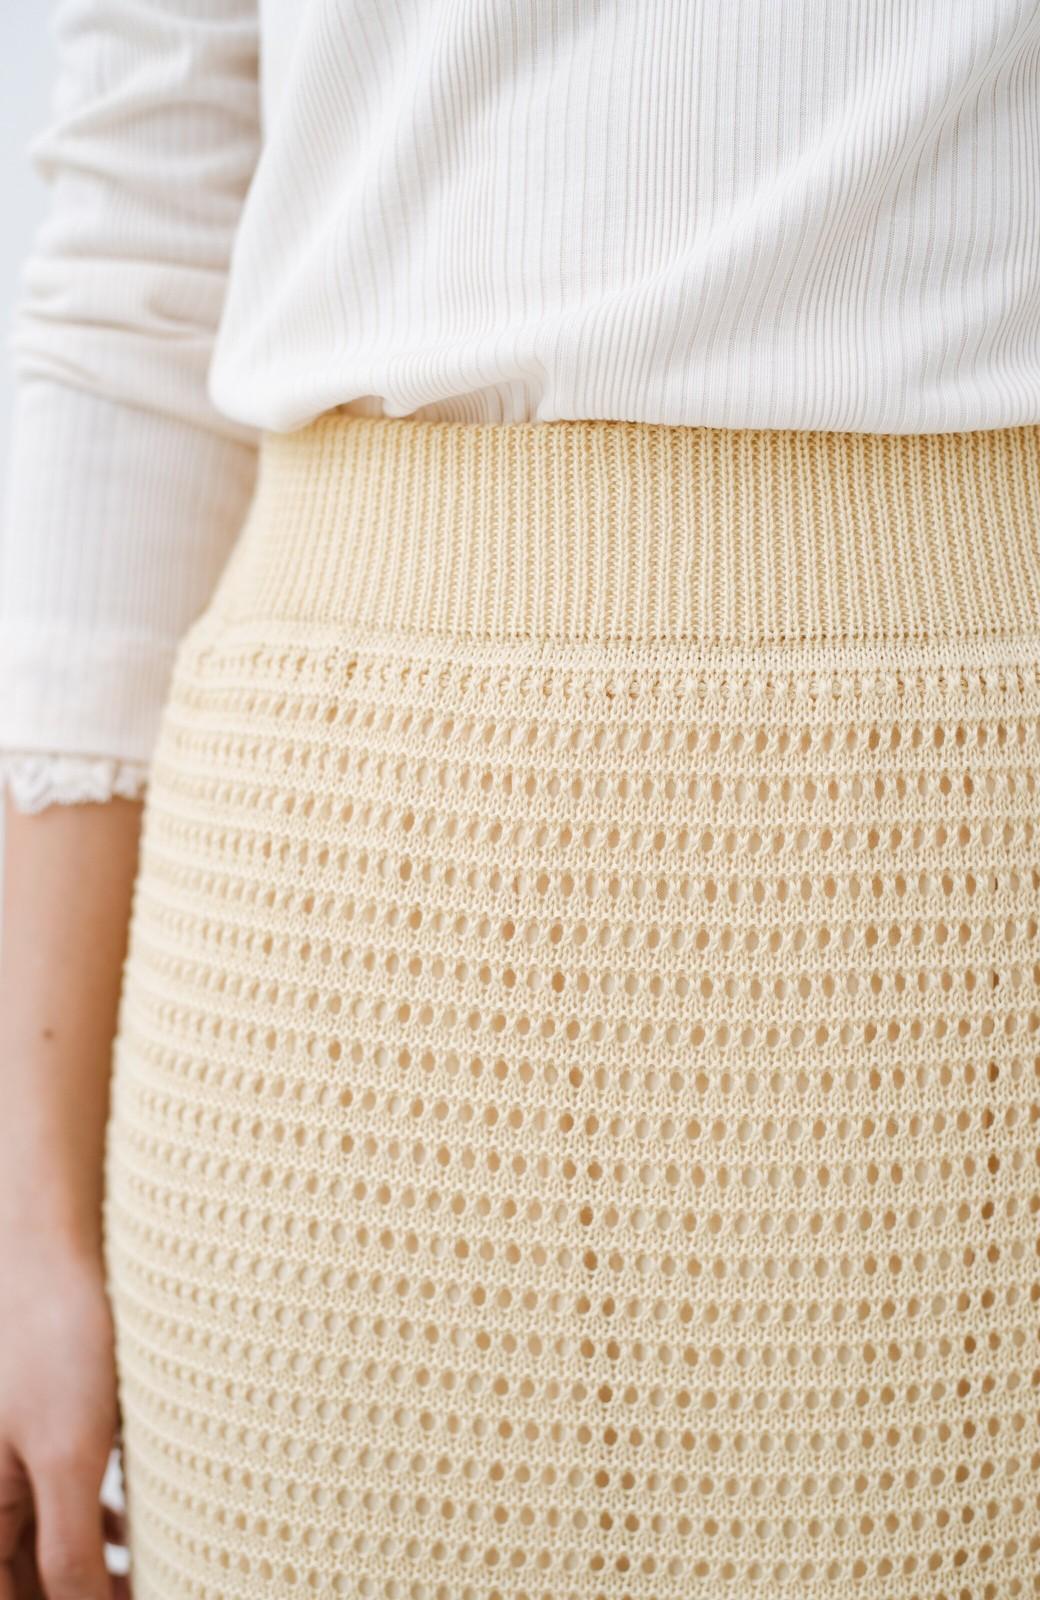 haco! 単品はもちろん重ね着してもかわいさが増す!透かし編みマーメイドスカート <アイボリー>の商品写真10